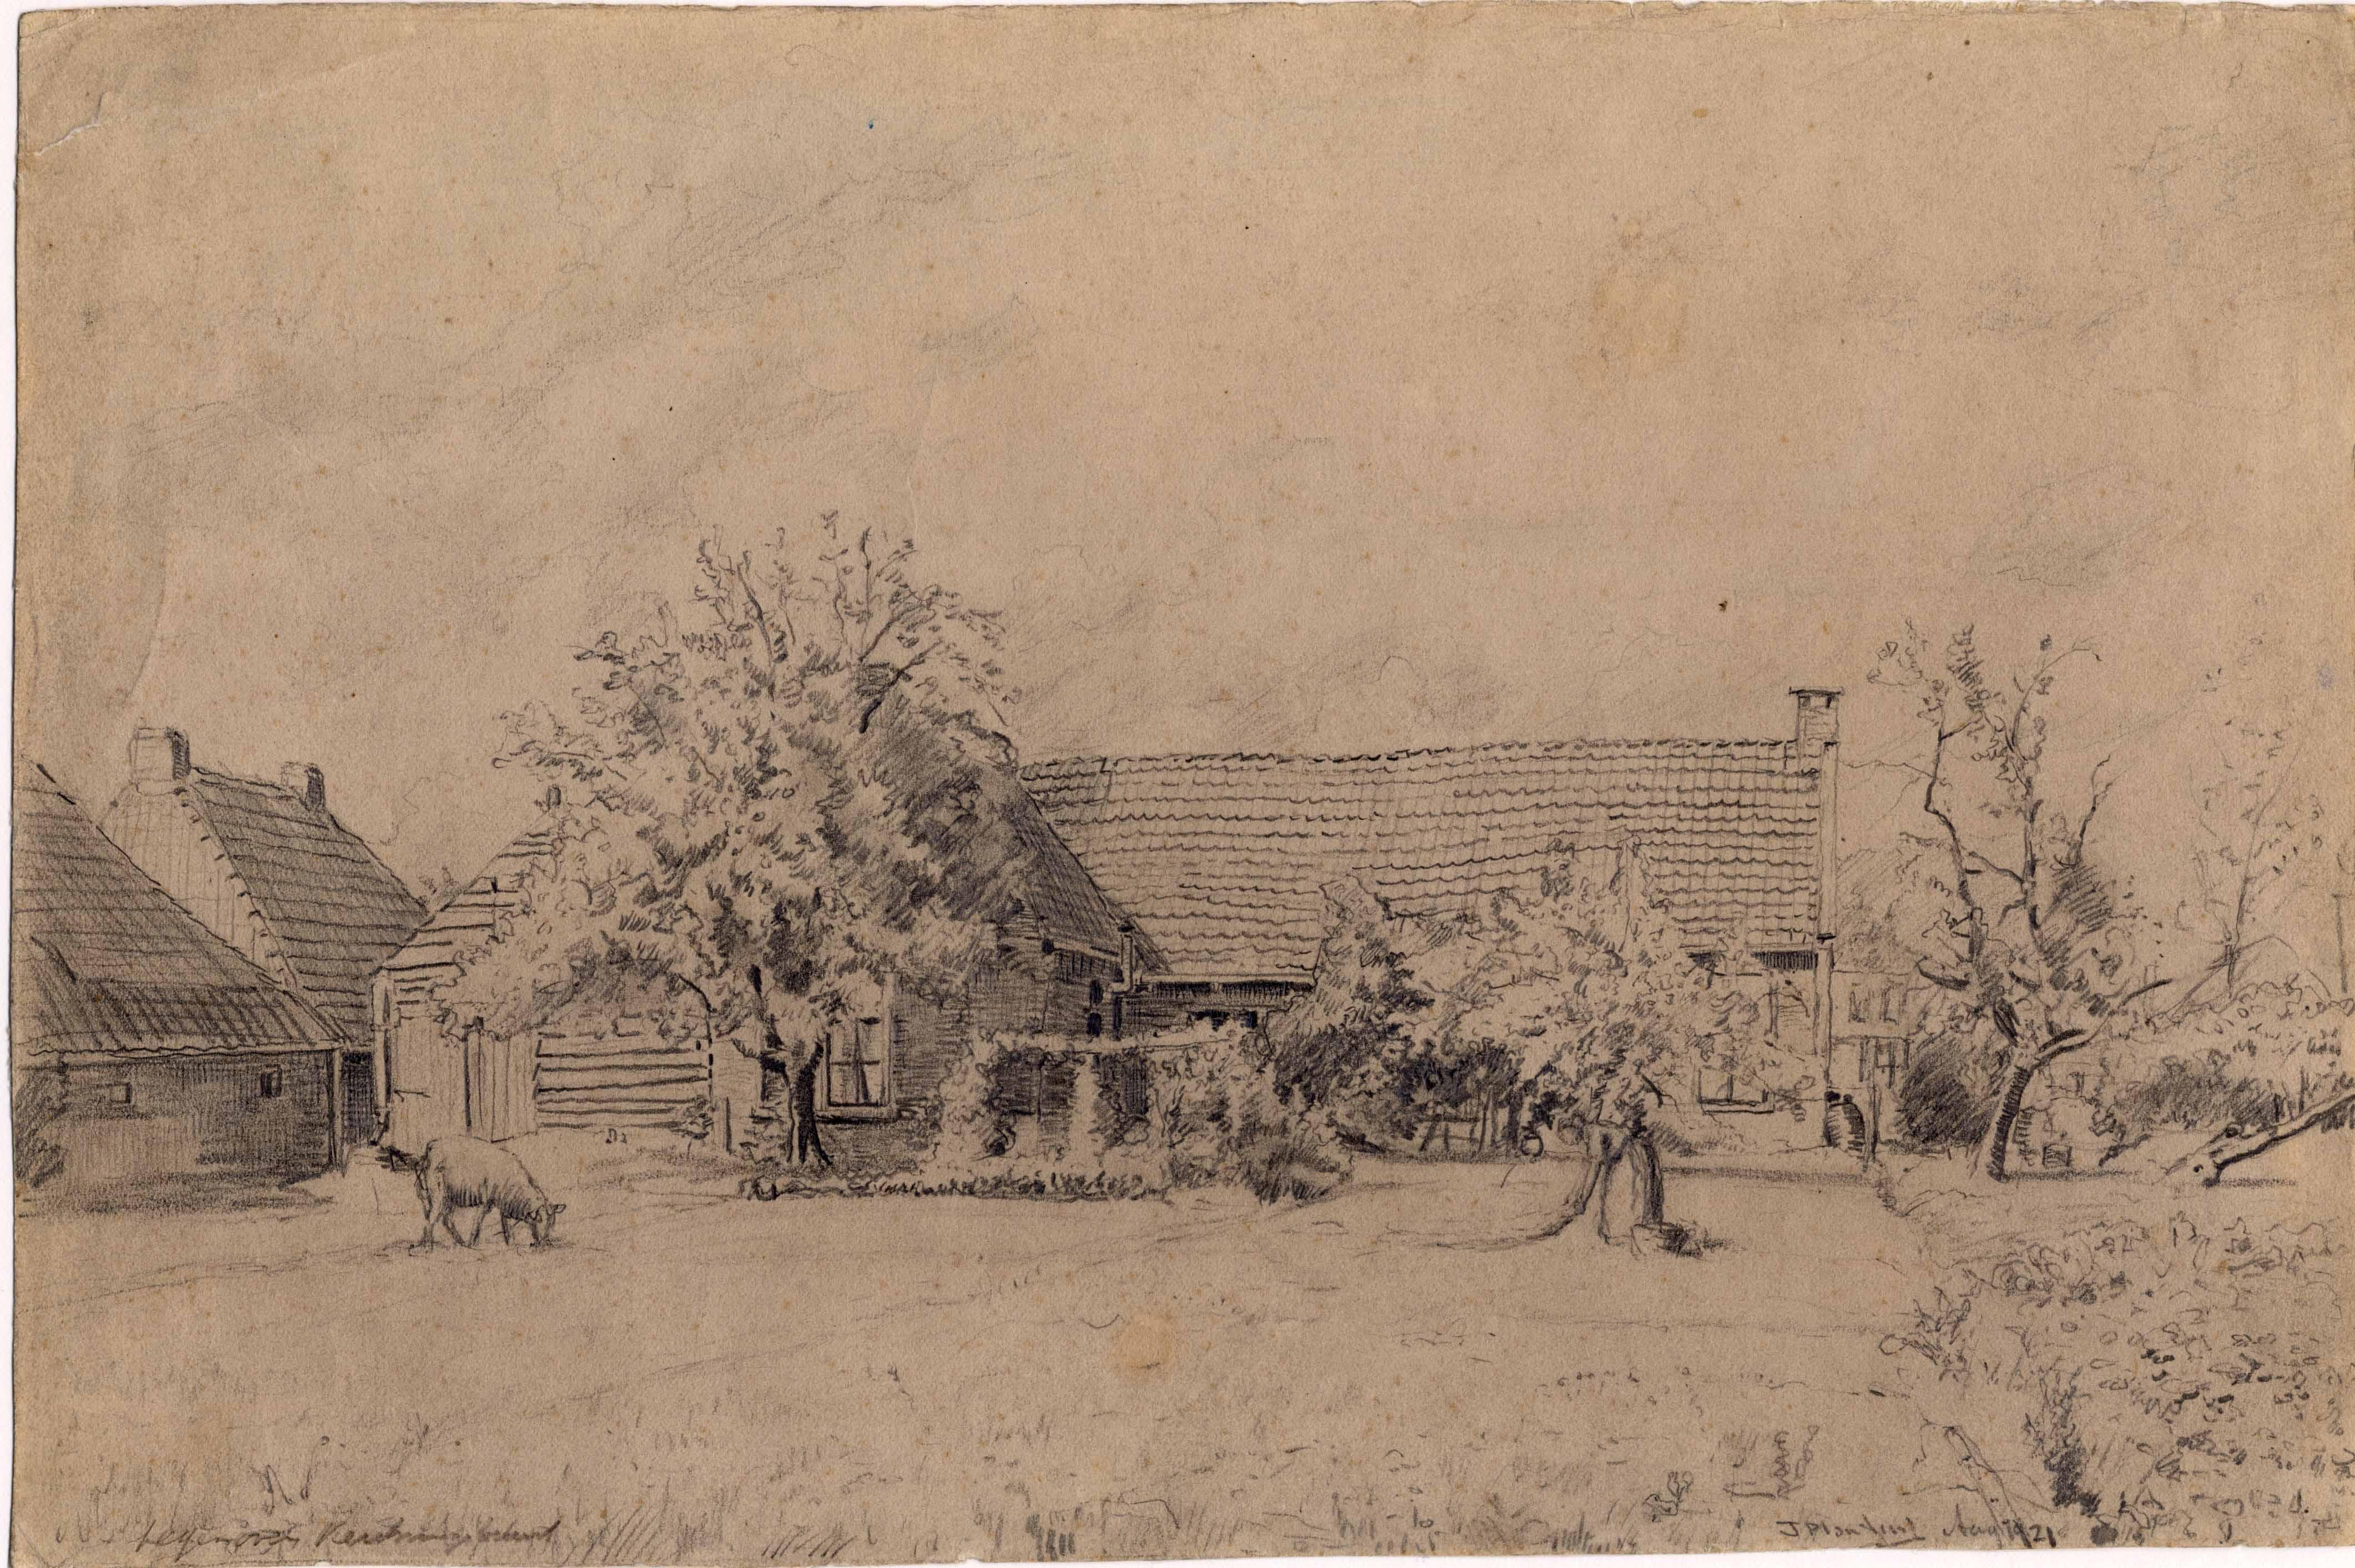 Tekening van een boerderijtje aan de Houtlaan te Drachten